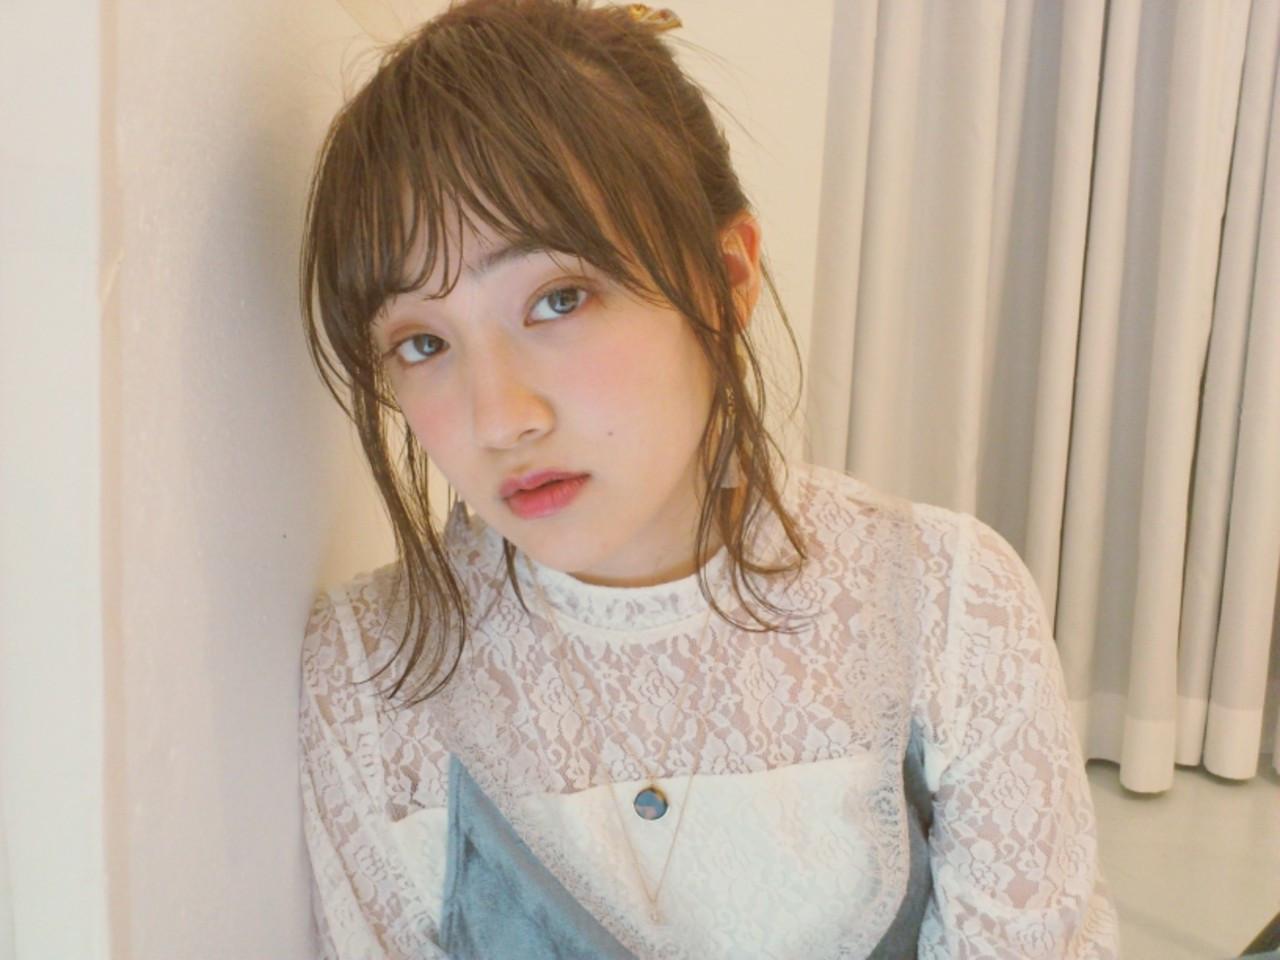 面長向けミディアムのヘアアレンジ Yukie Horiuchi | グランマッシュ